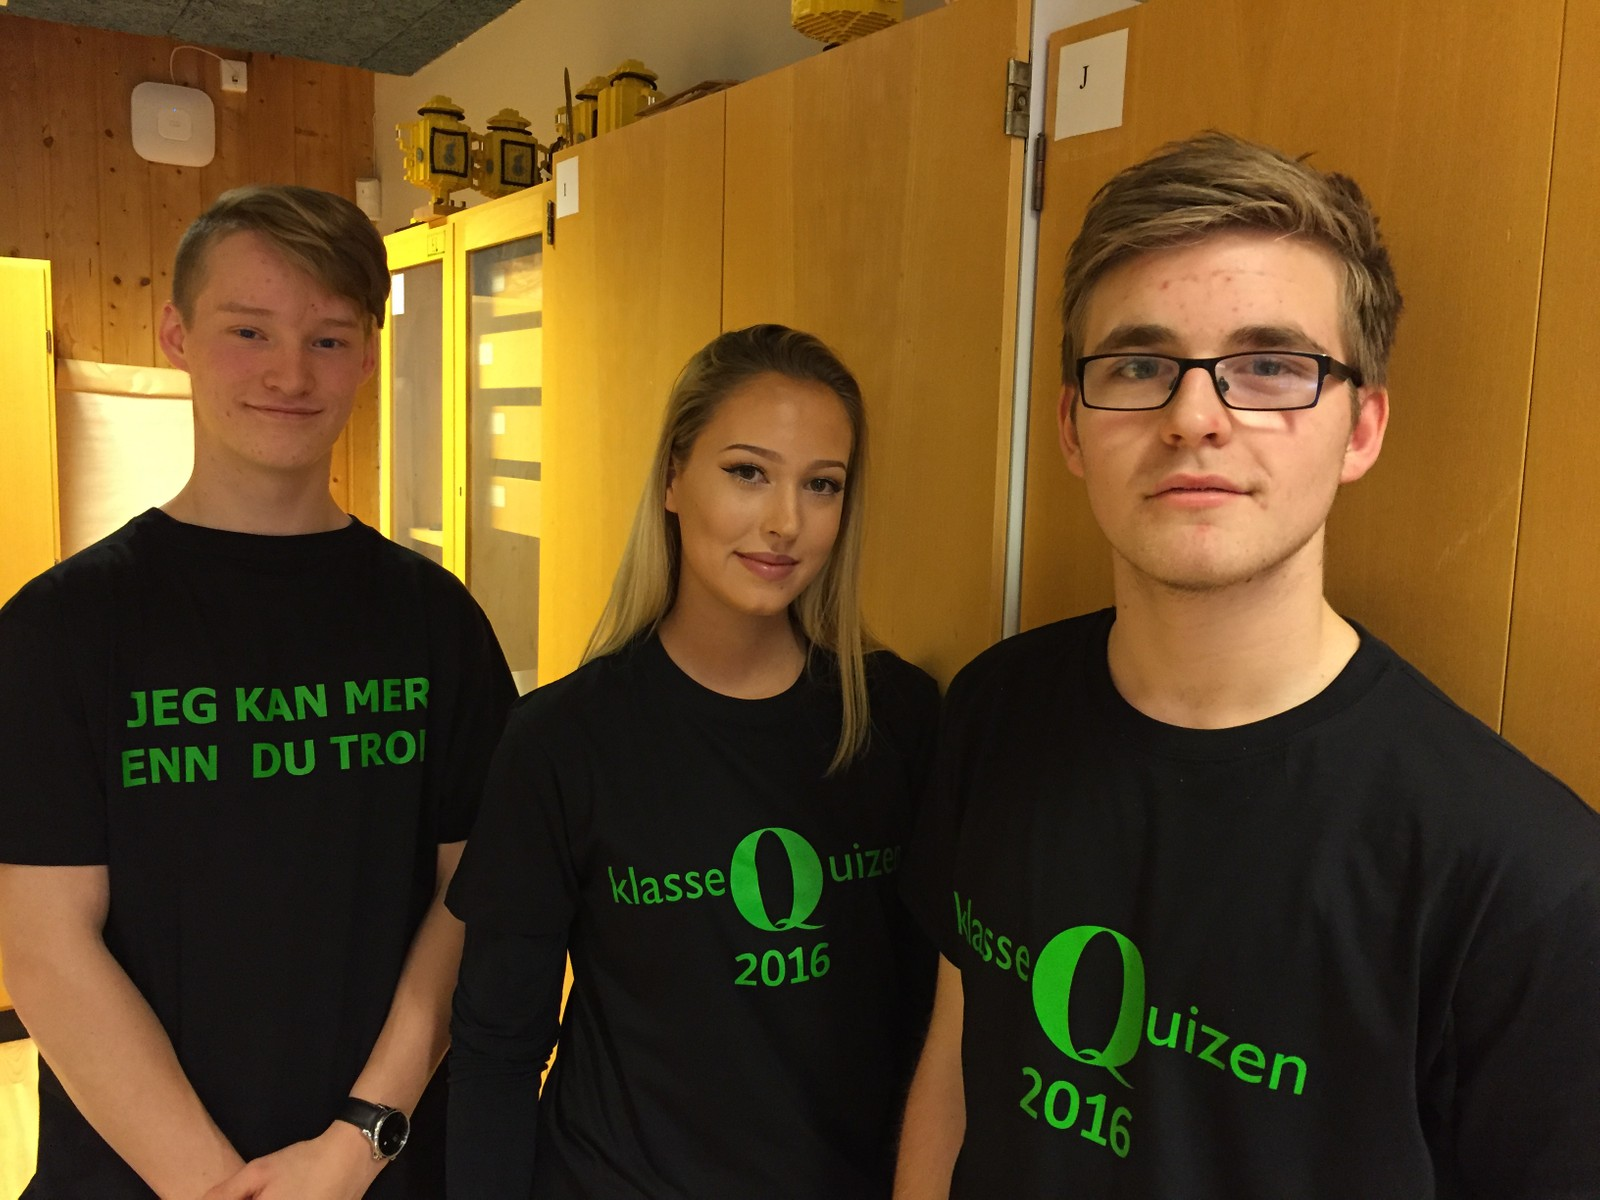 Emil Falkfjell Rosvoldaune, Andrea Dyrendalsli Eide, Petter Amund Breili fra Vanvikan skole fikk 7 poeng av 12 mulige.